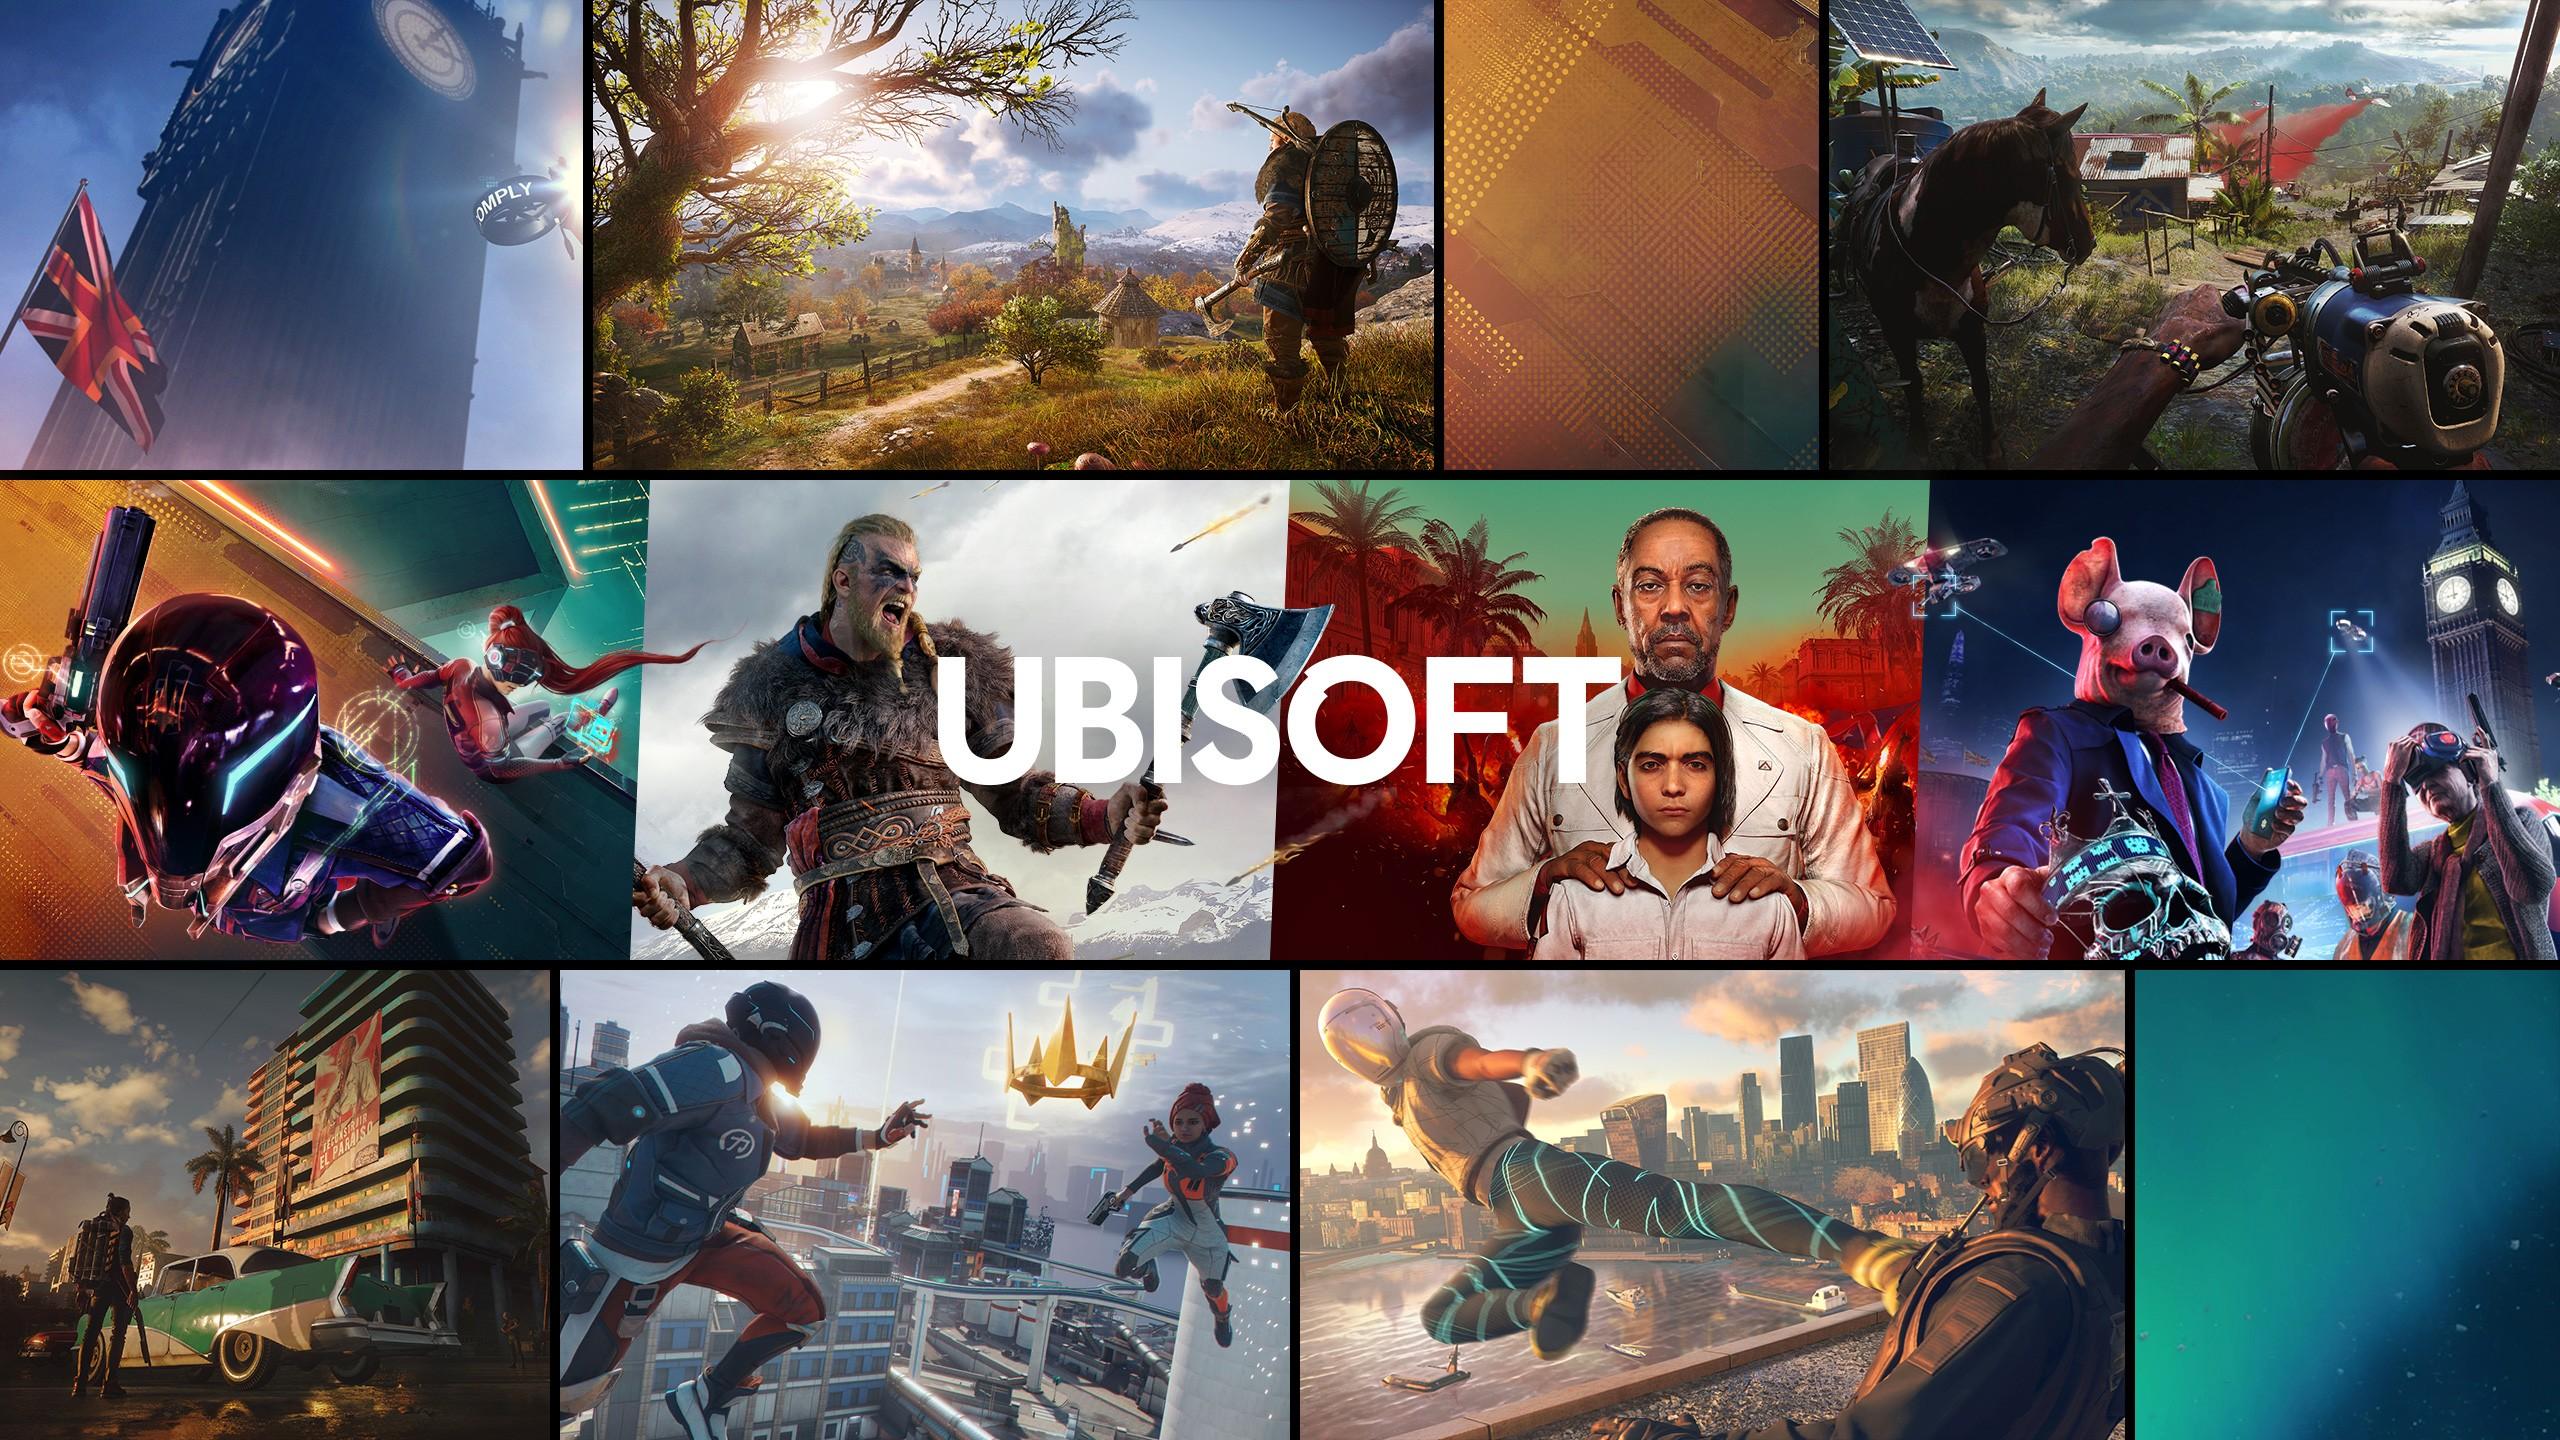 Ubisoft Linkedin